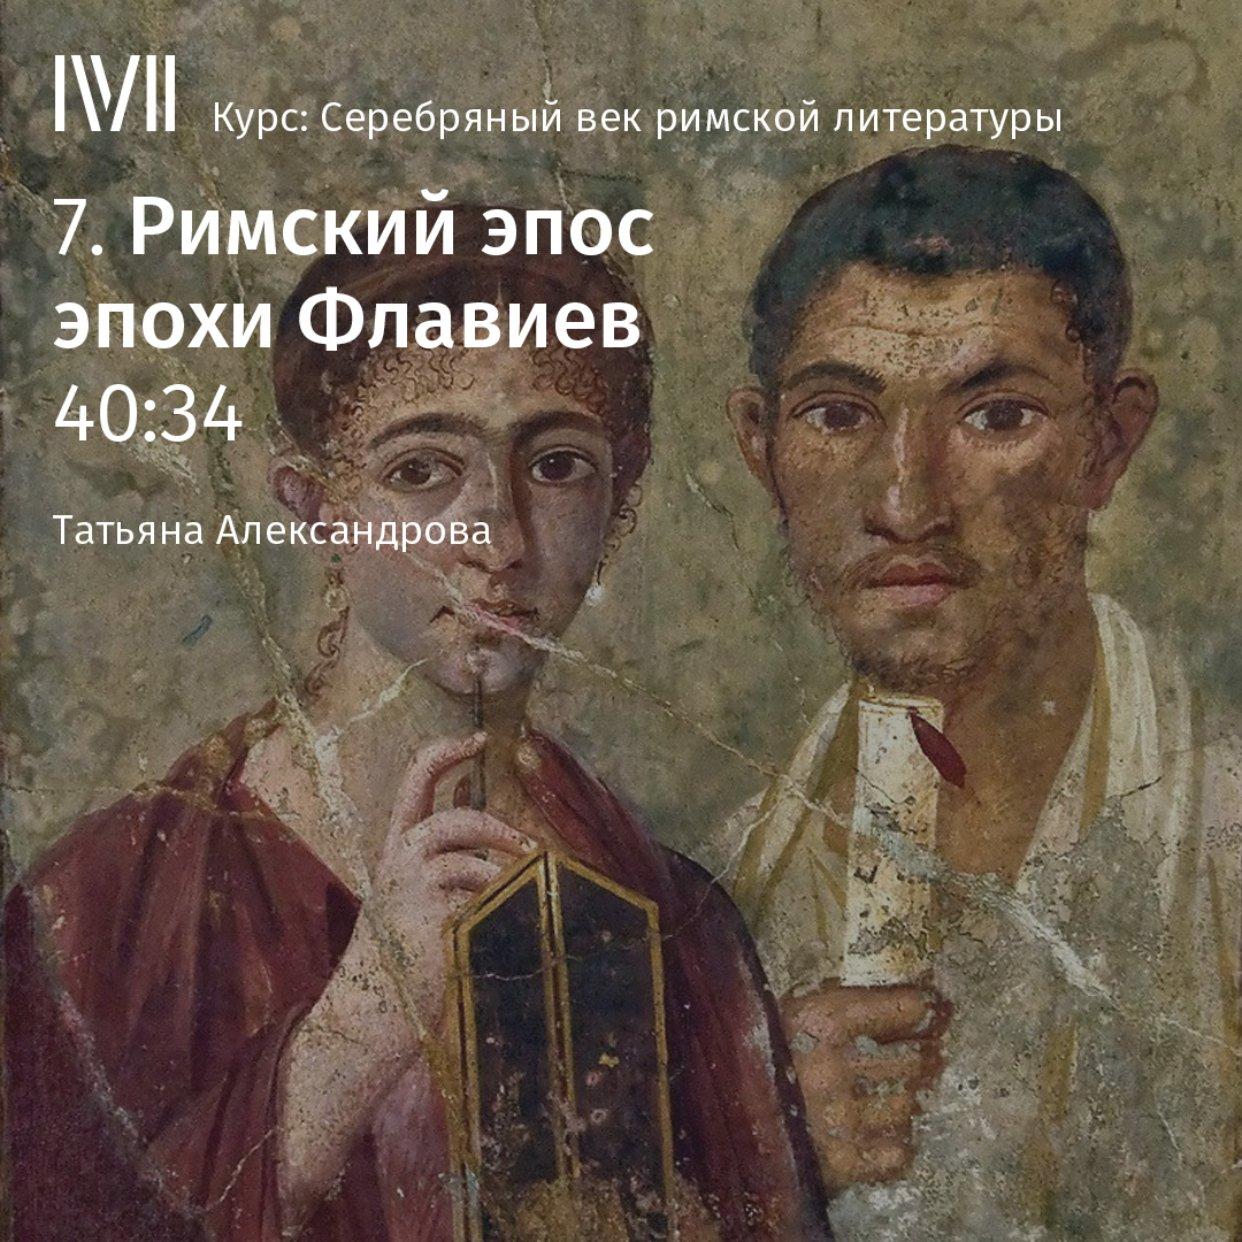 Римский эпос эпохи Флавиев